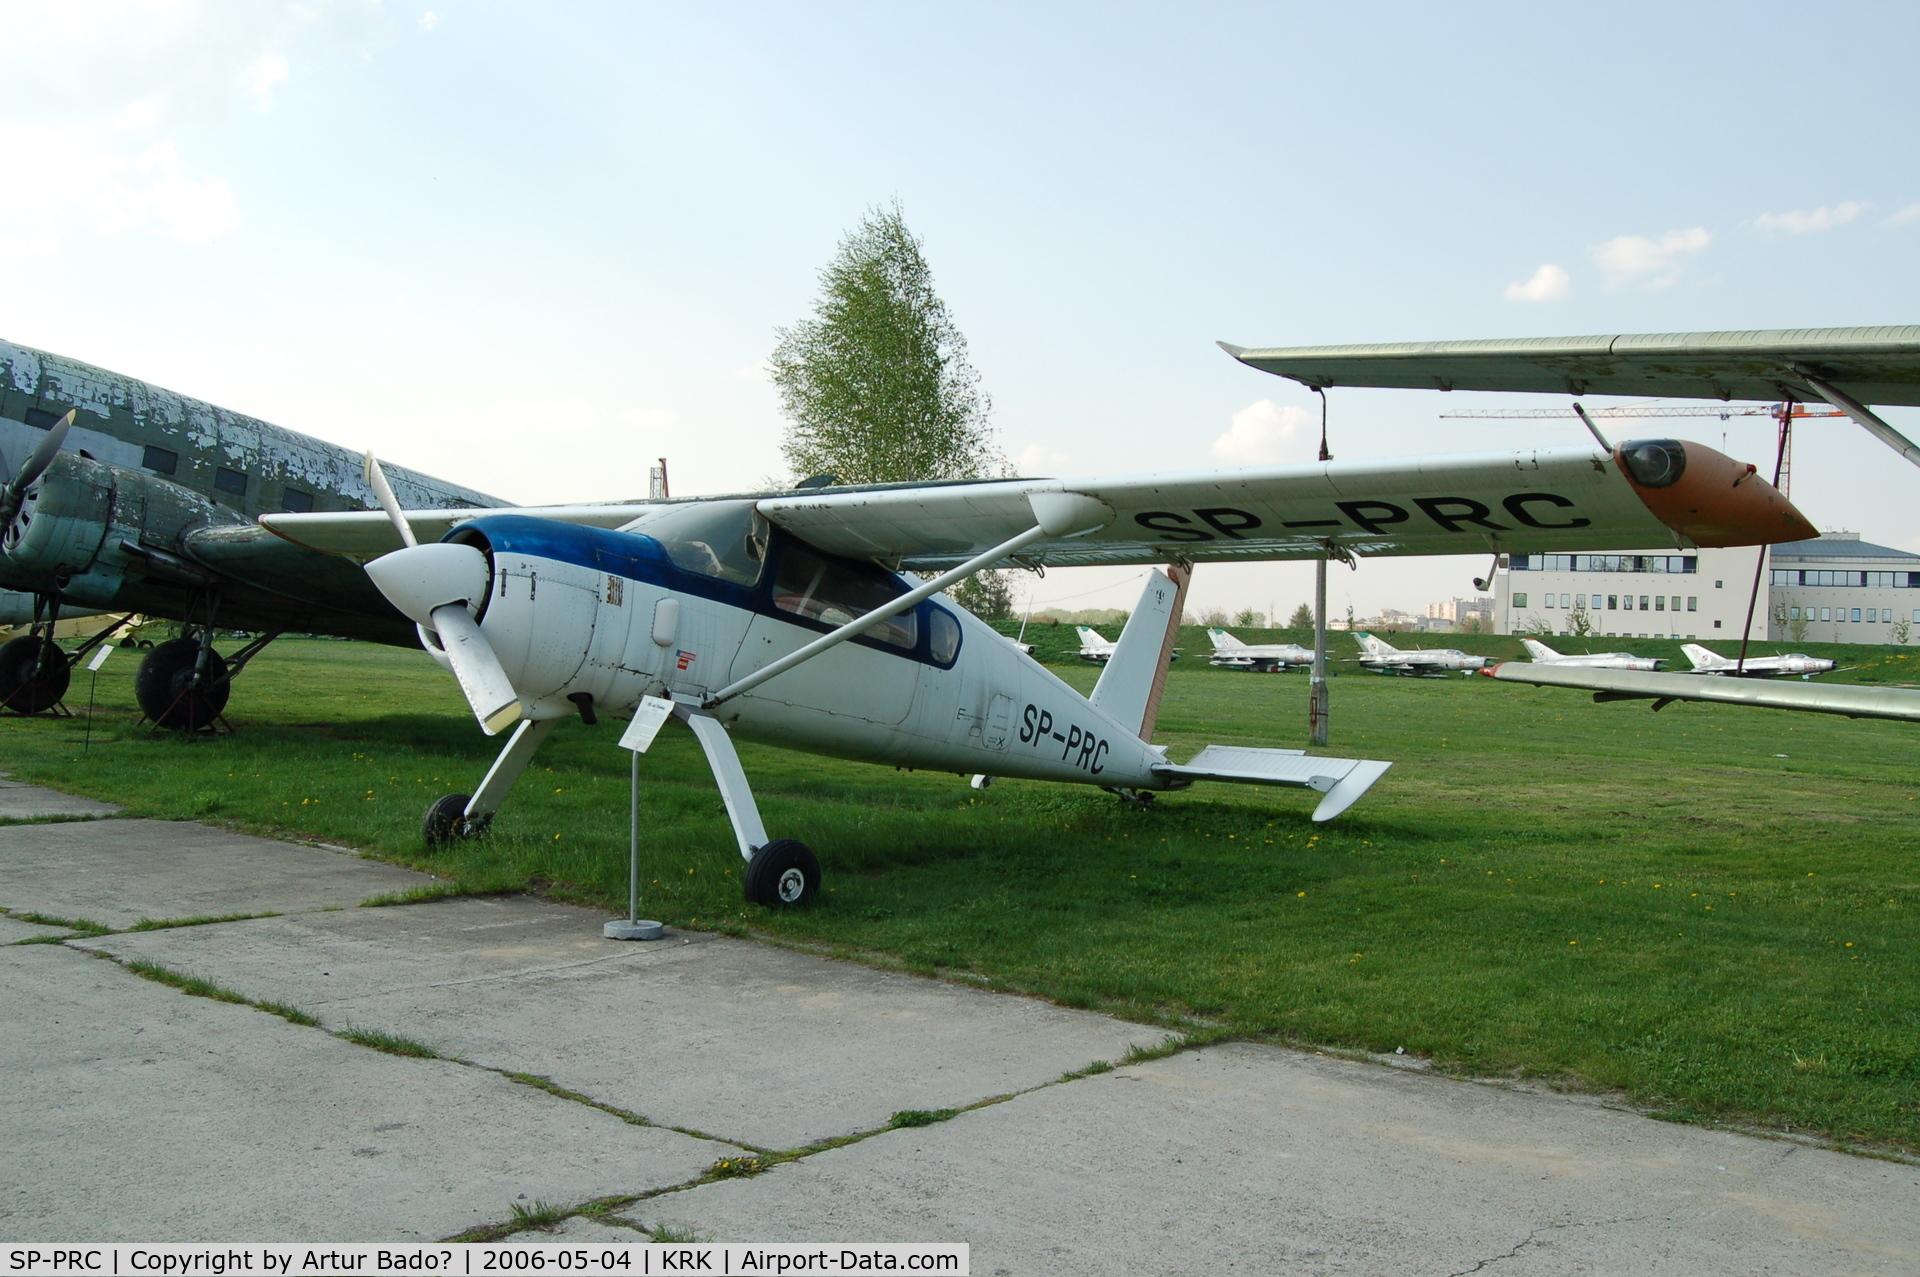 SP-PRC, 1989 PZL-Okecie PZL-105 Flamingo C/N Prototype, PZL